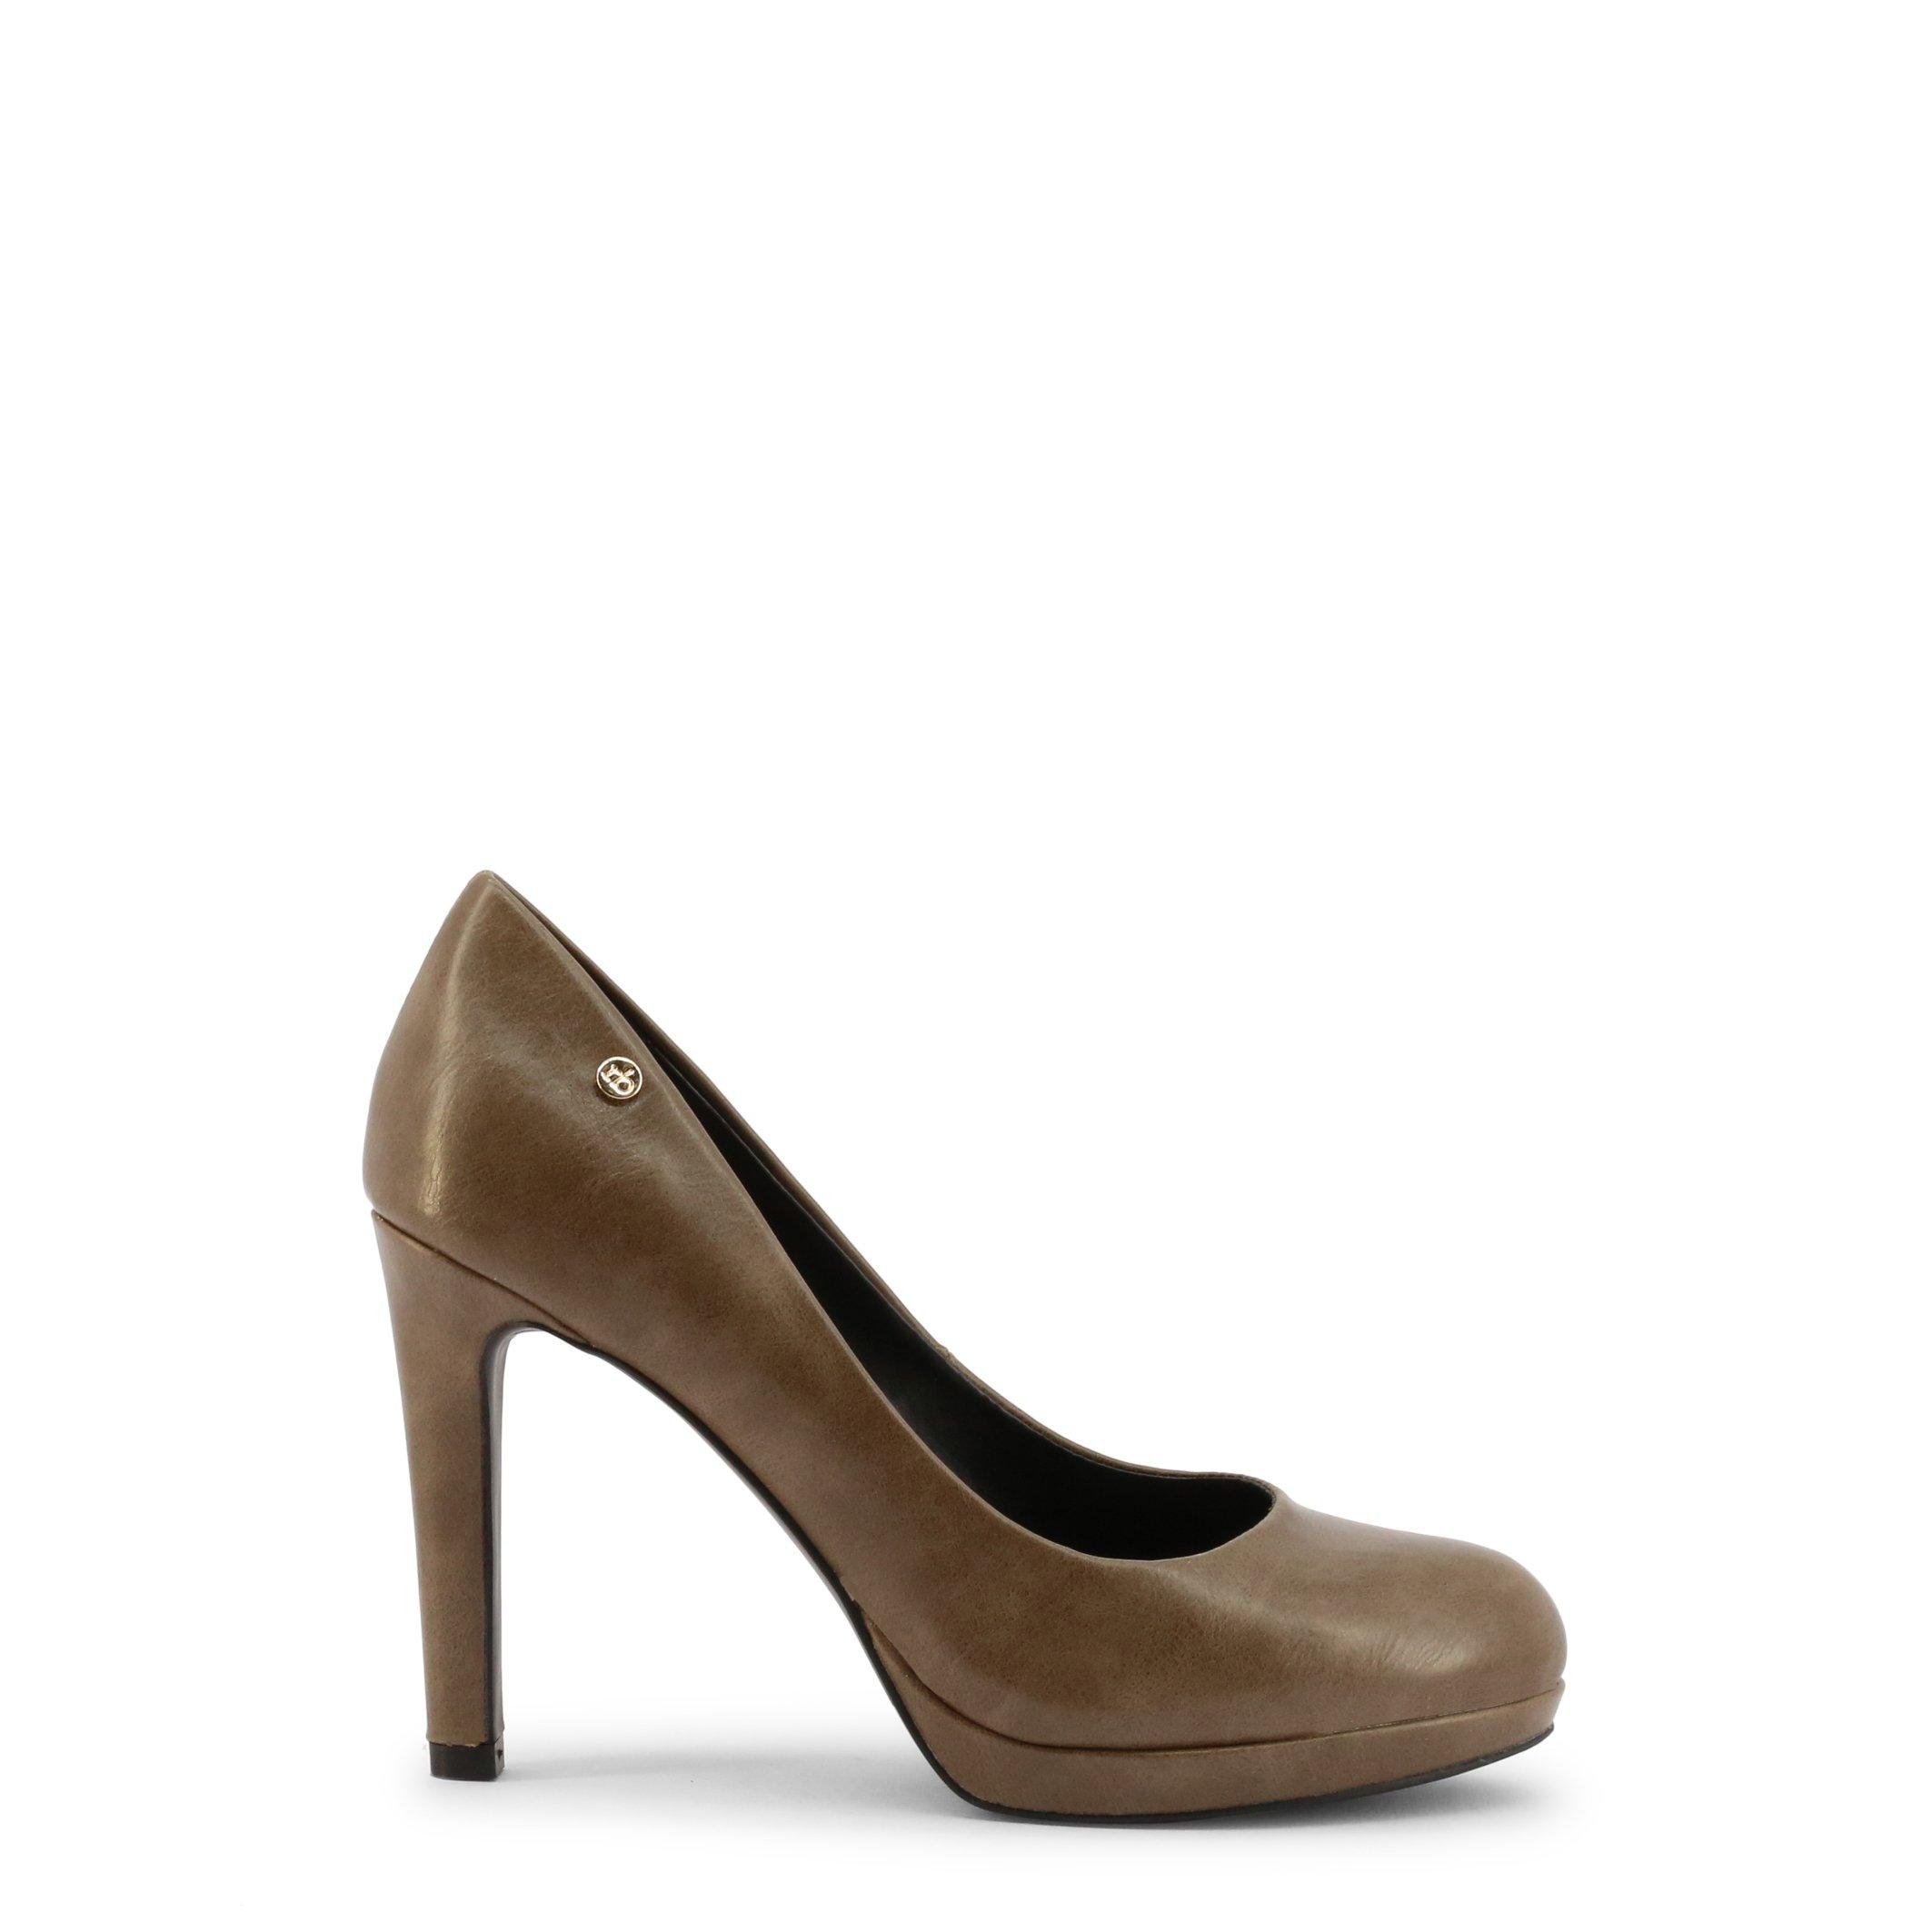 Roccobarocco Women's Heels Red 343479 - brown EU 35